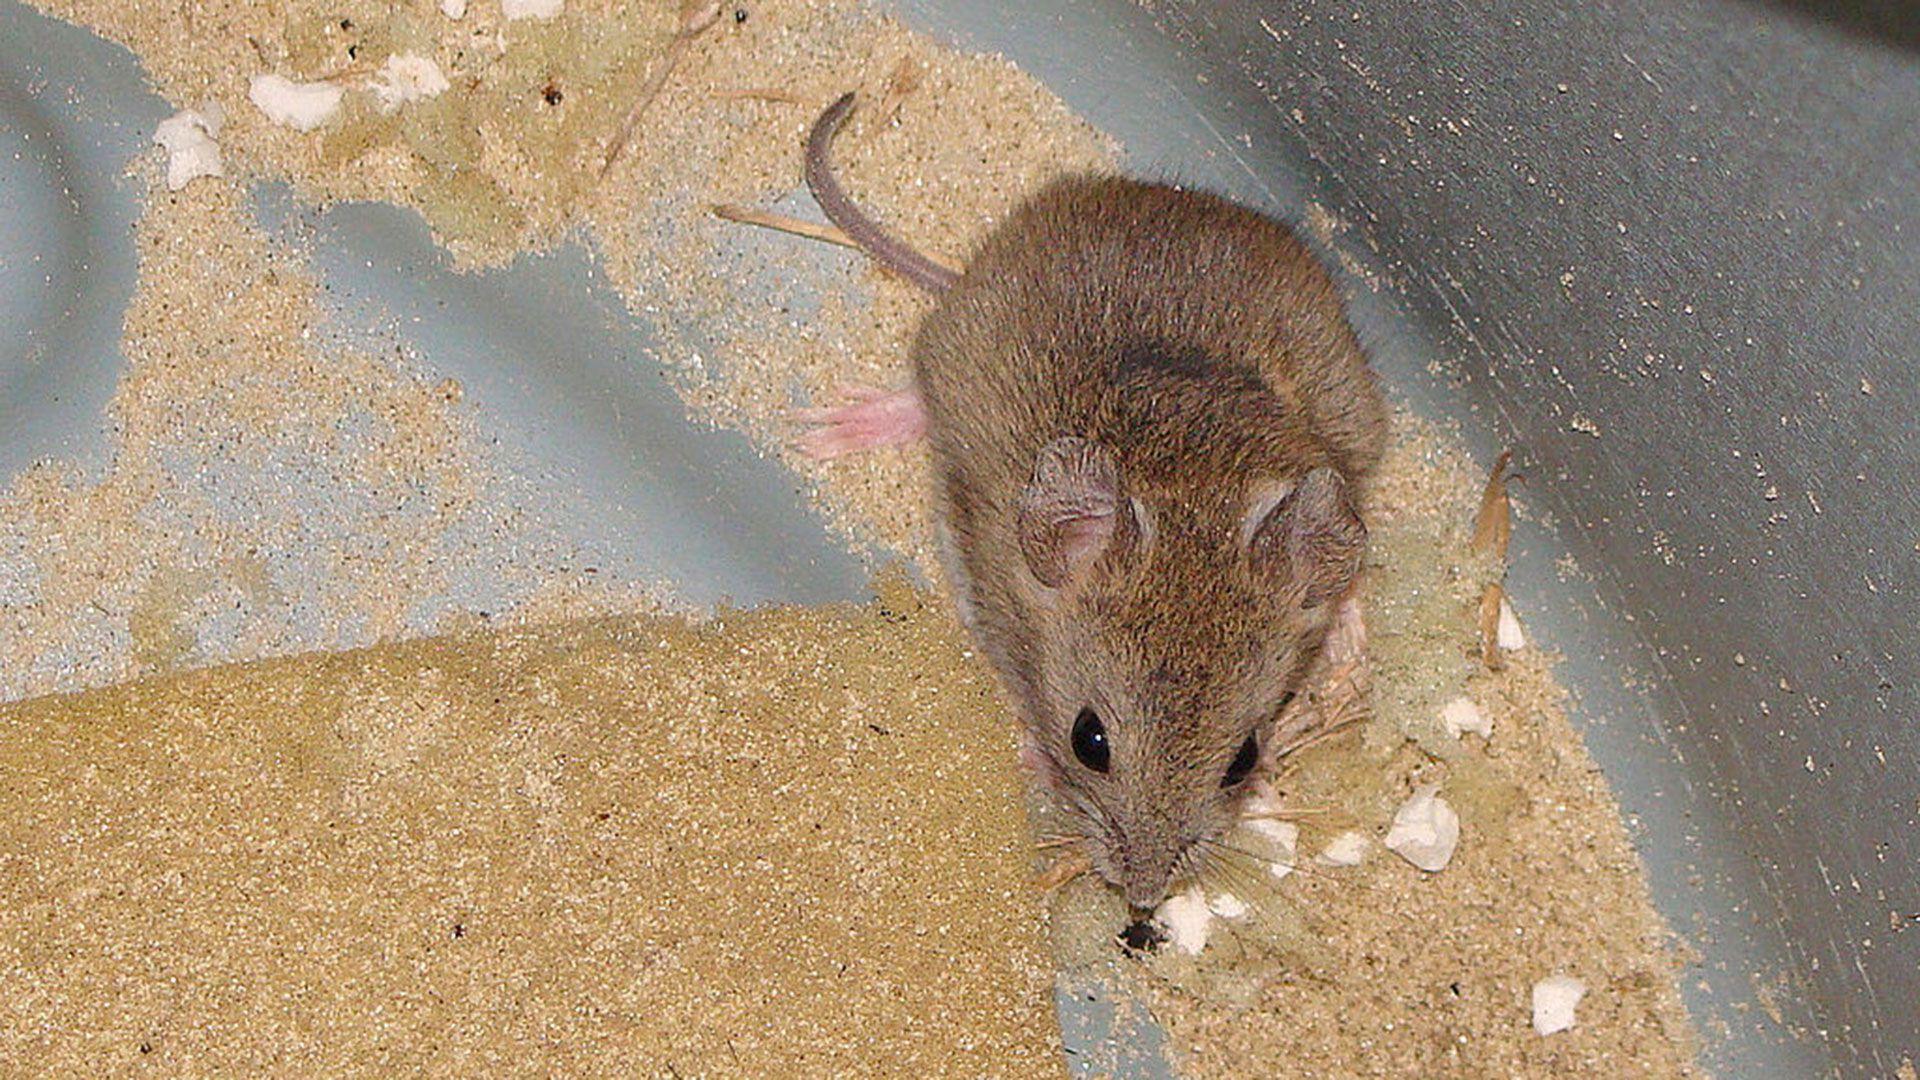 El ratón maicero parece cándido pero no los es. Es el portador del arenavirus en Bolivia y Argentina. La OPS recomienda realizar periódicamente campañas de control de roedores y usar equipos de protección para los trabajadores rurales